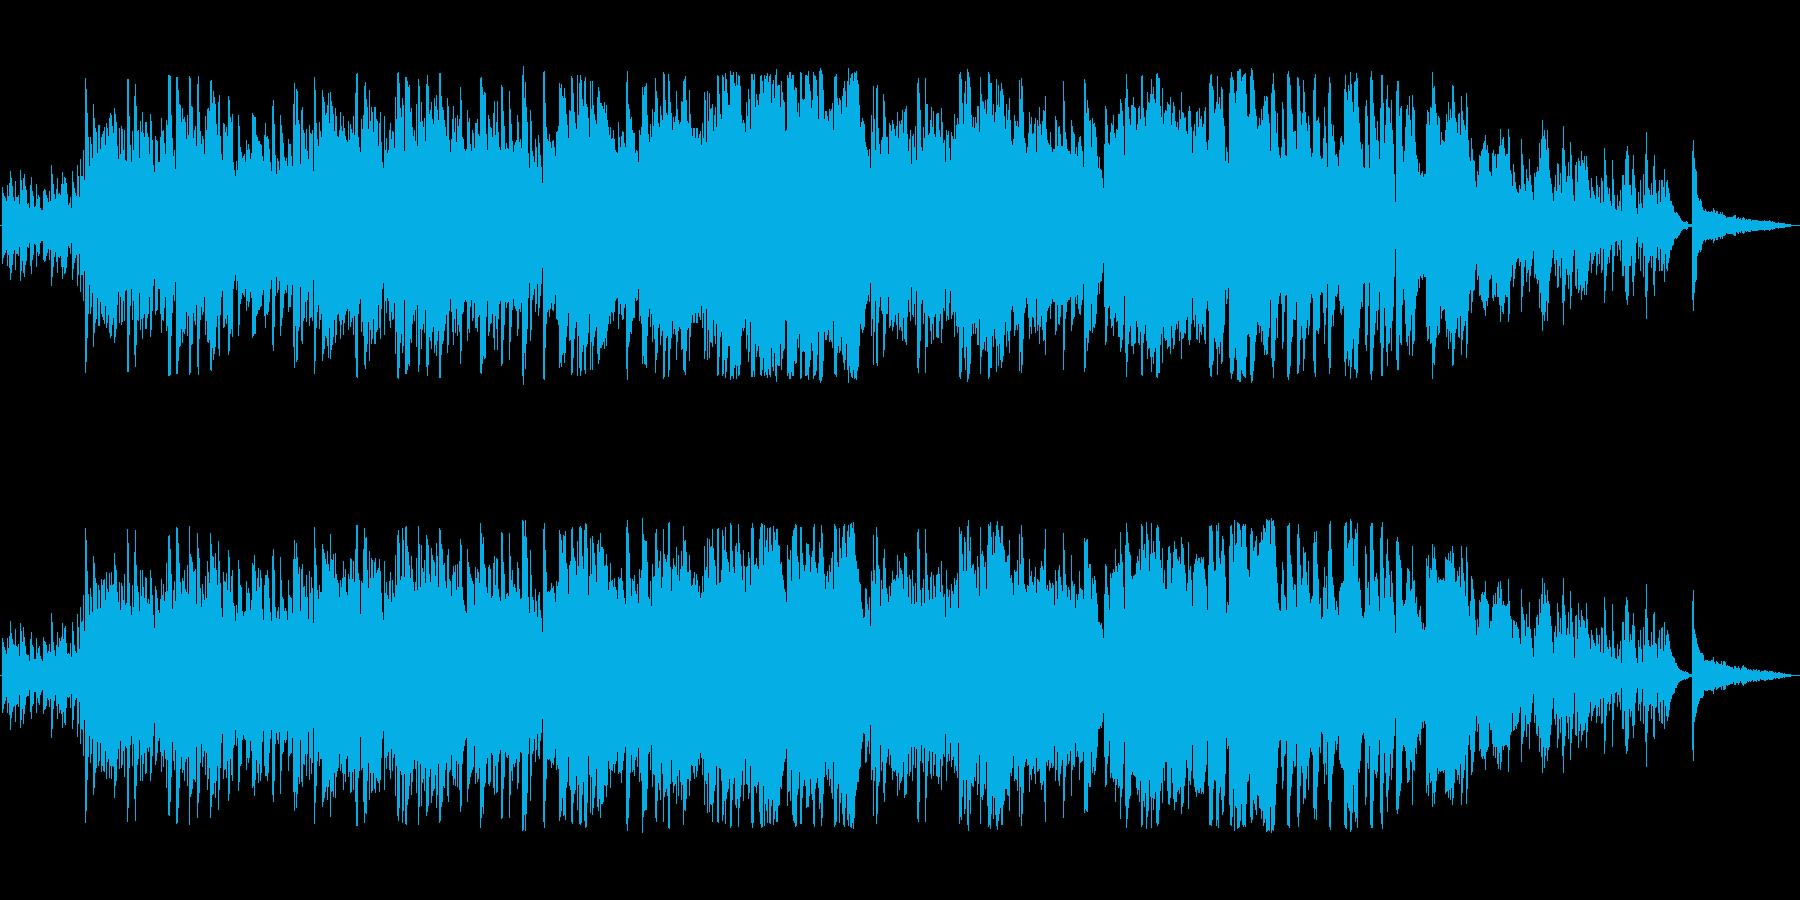 軽やかで澄んだ音色のピアノの旋律の再生済みの波形